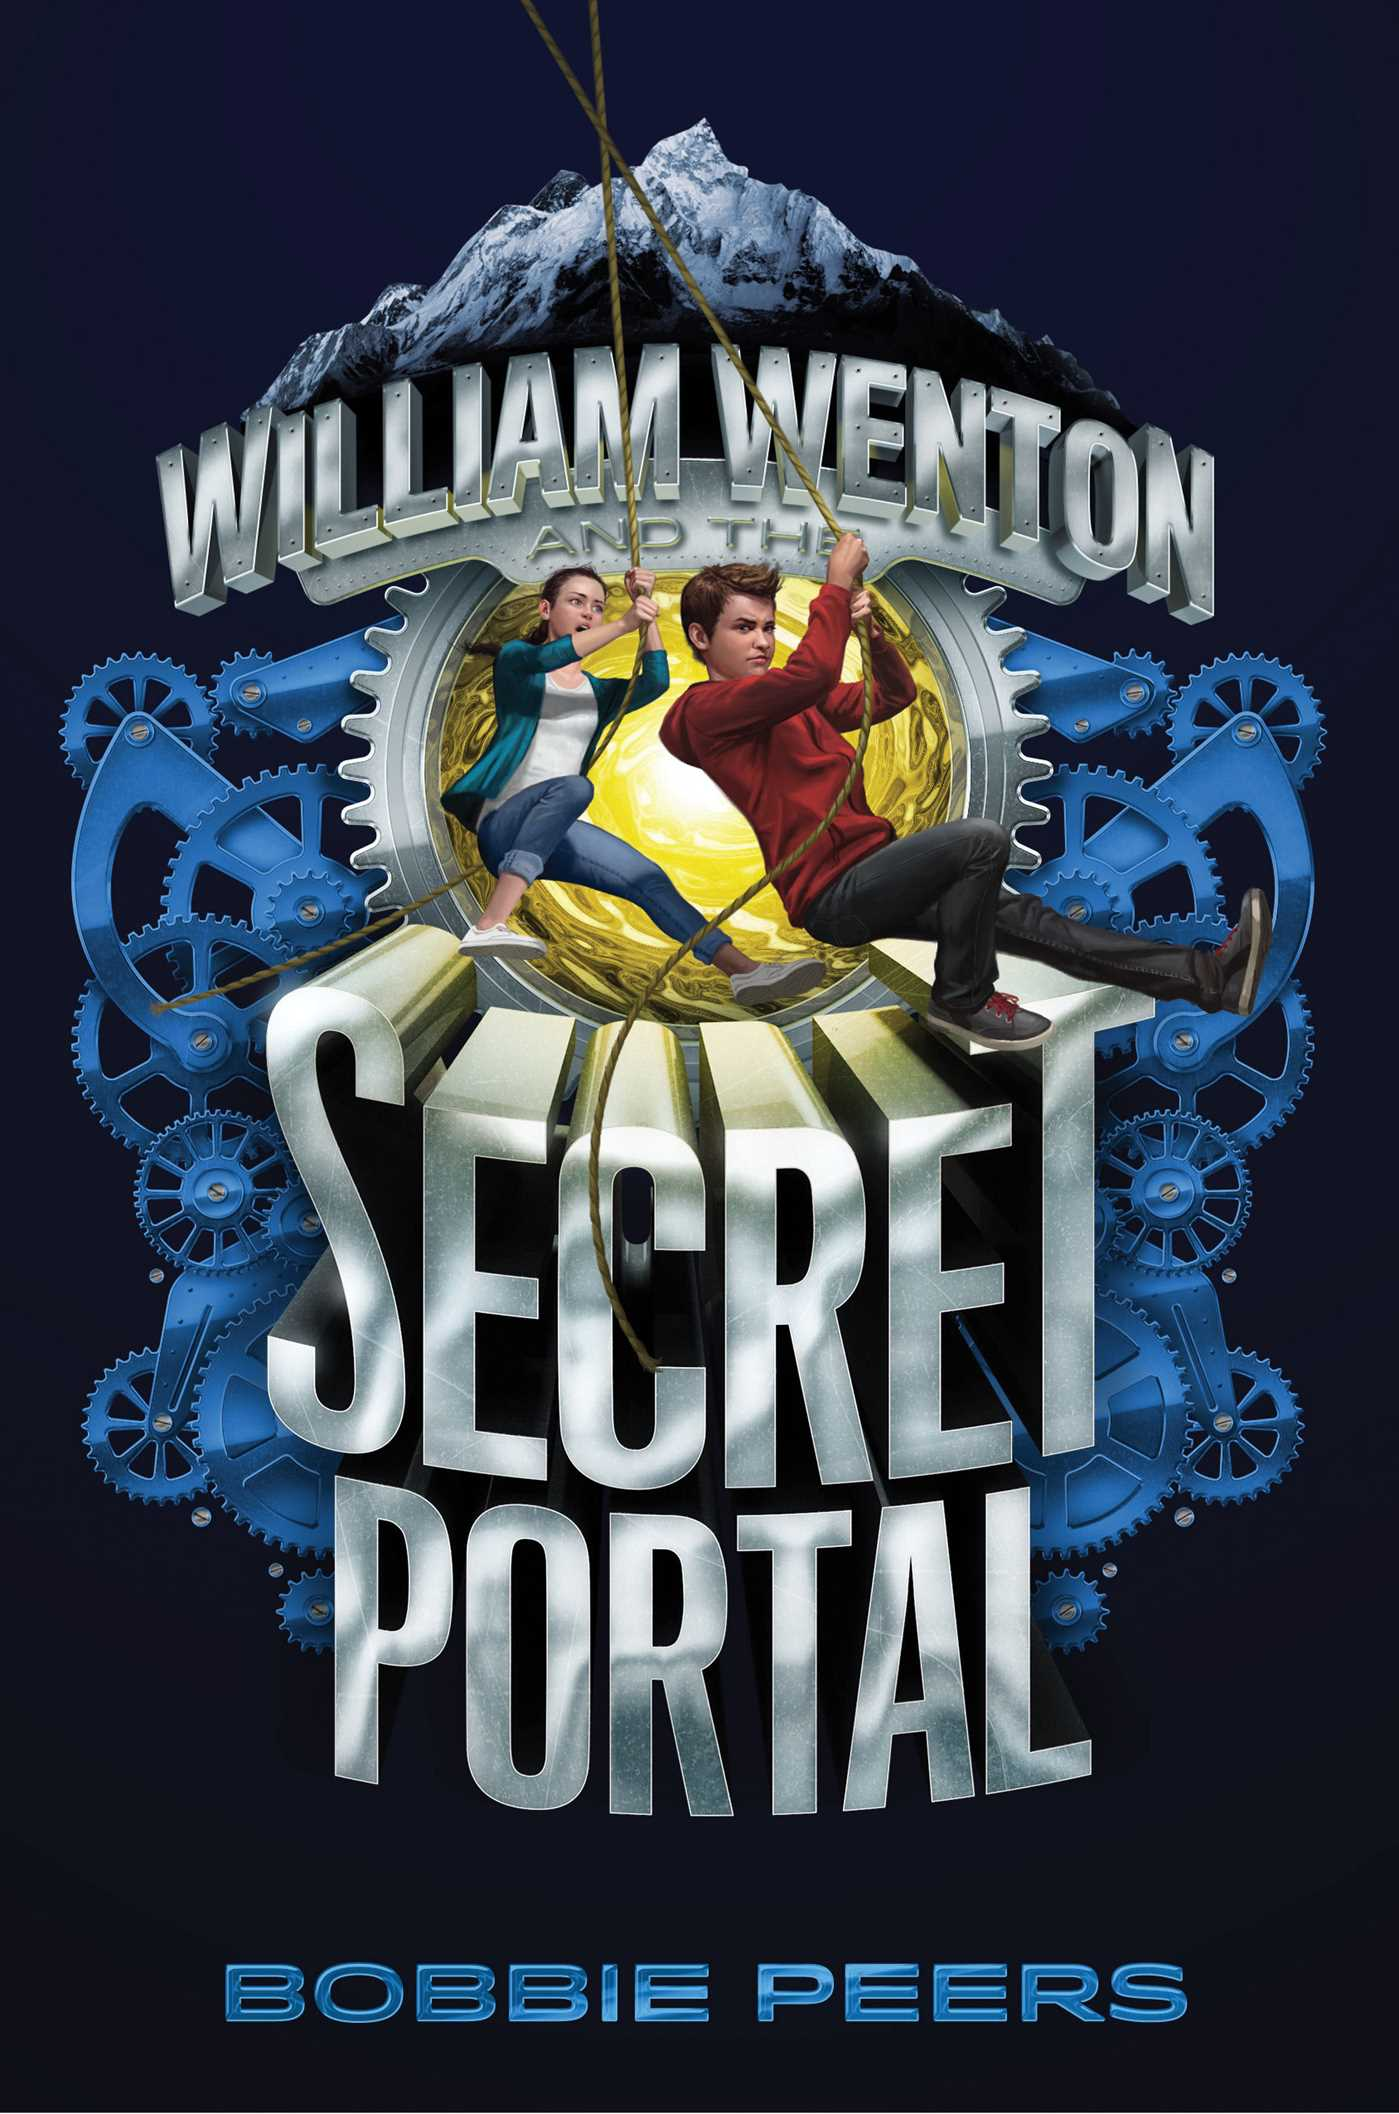 William wenton and the secret portal 9781481478281 hr